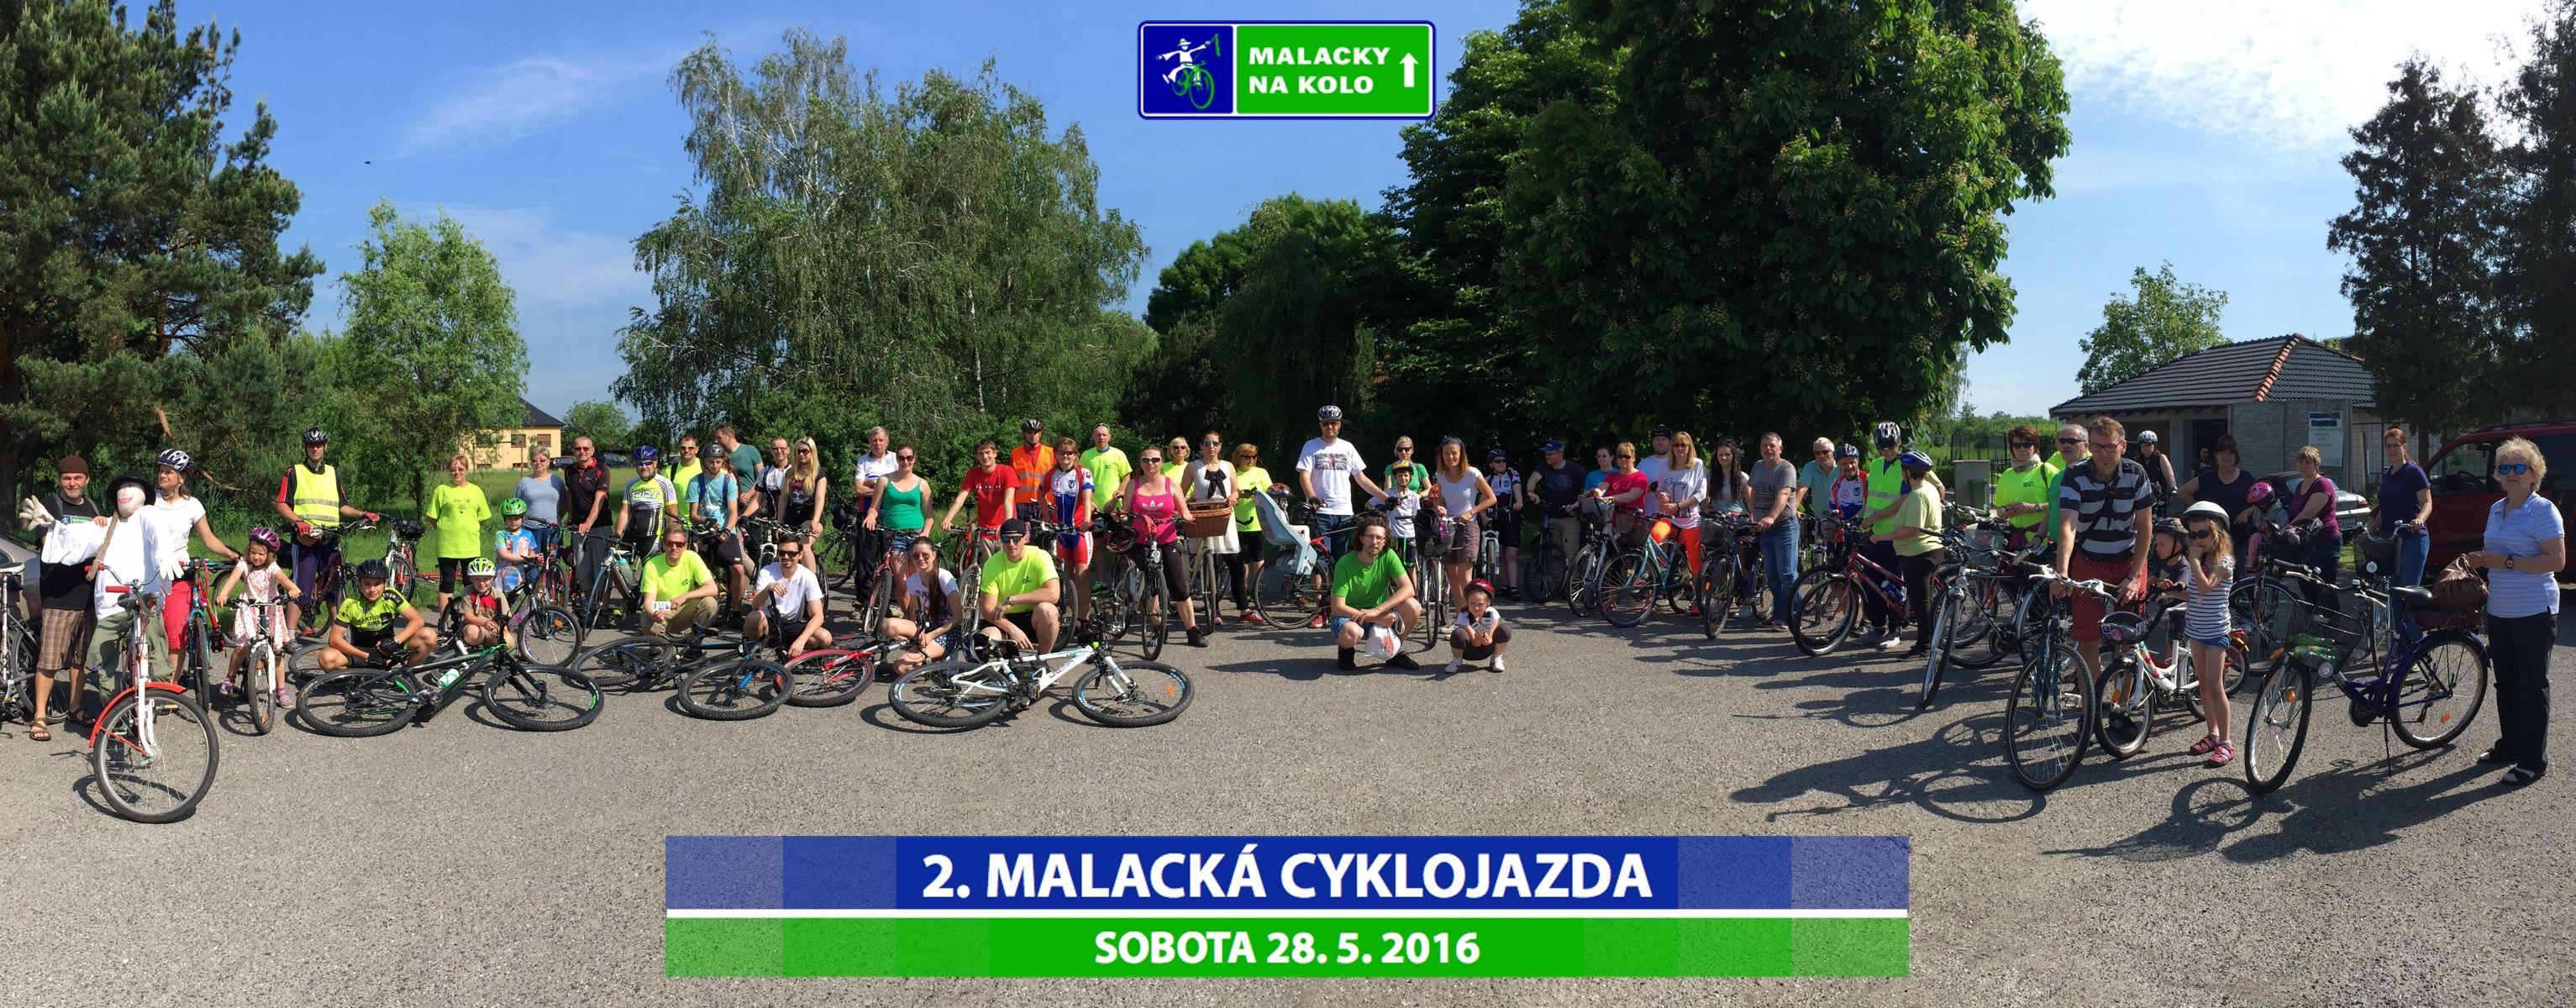 cyklojazda_2016